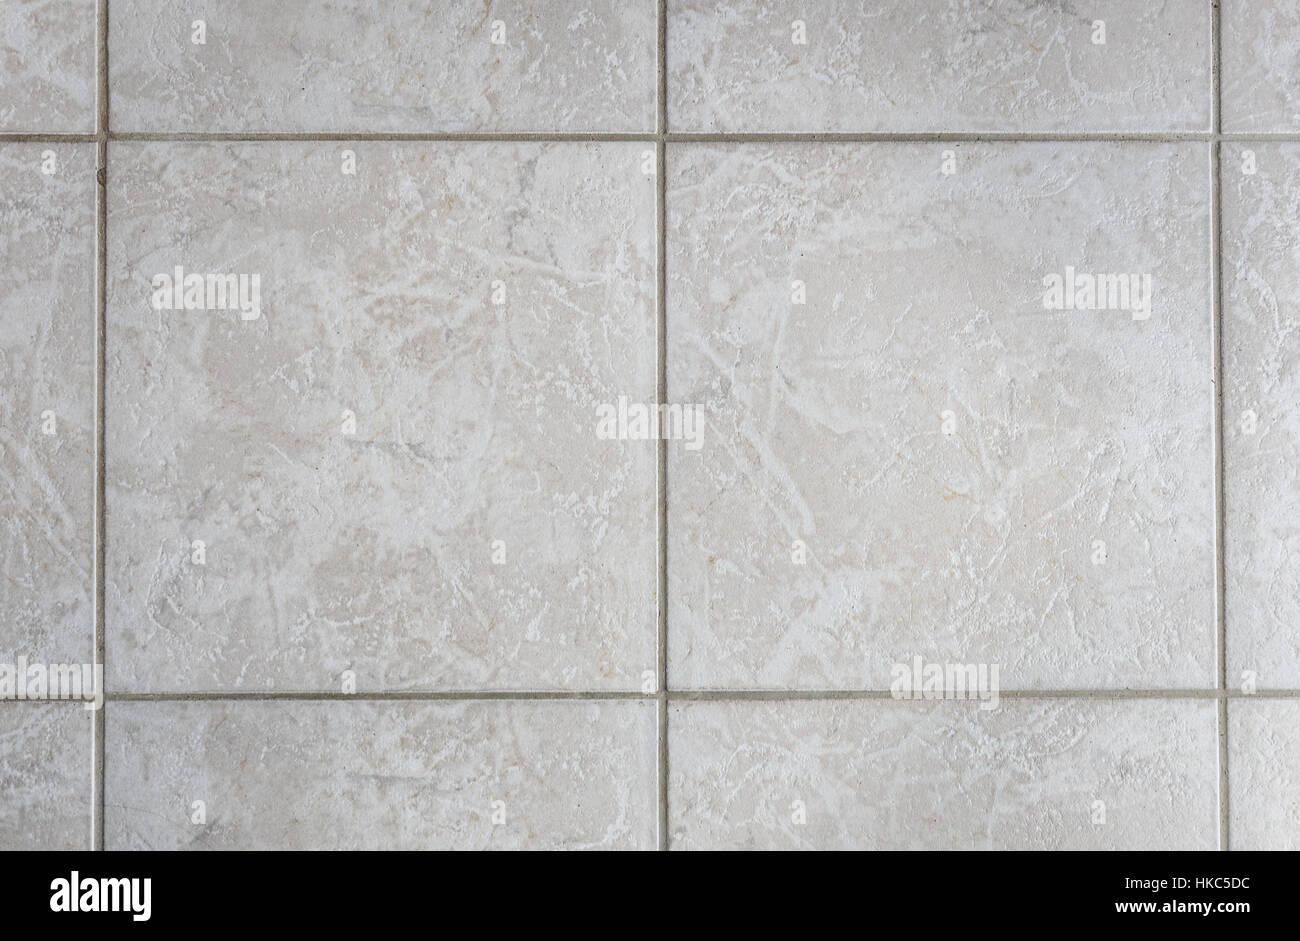 Innenausbau Bad Fliesen Fliesen. Bild Der Inneren Bodenbelag Mit Grau Beige  Pflaster Platten.